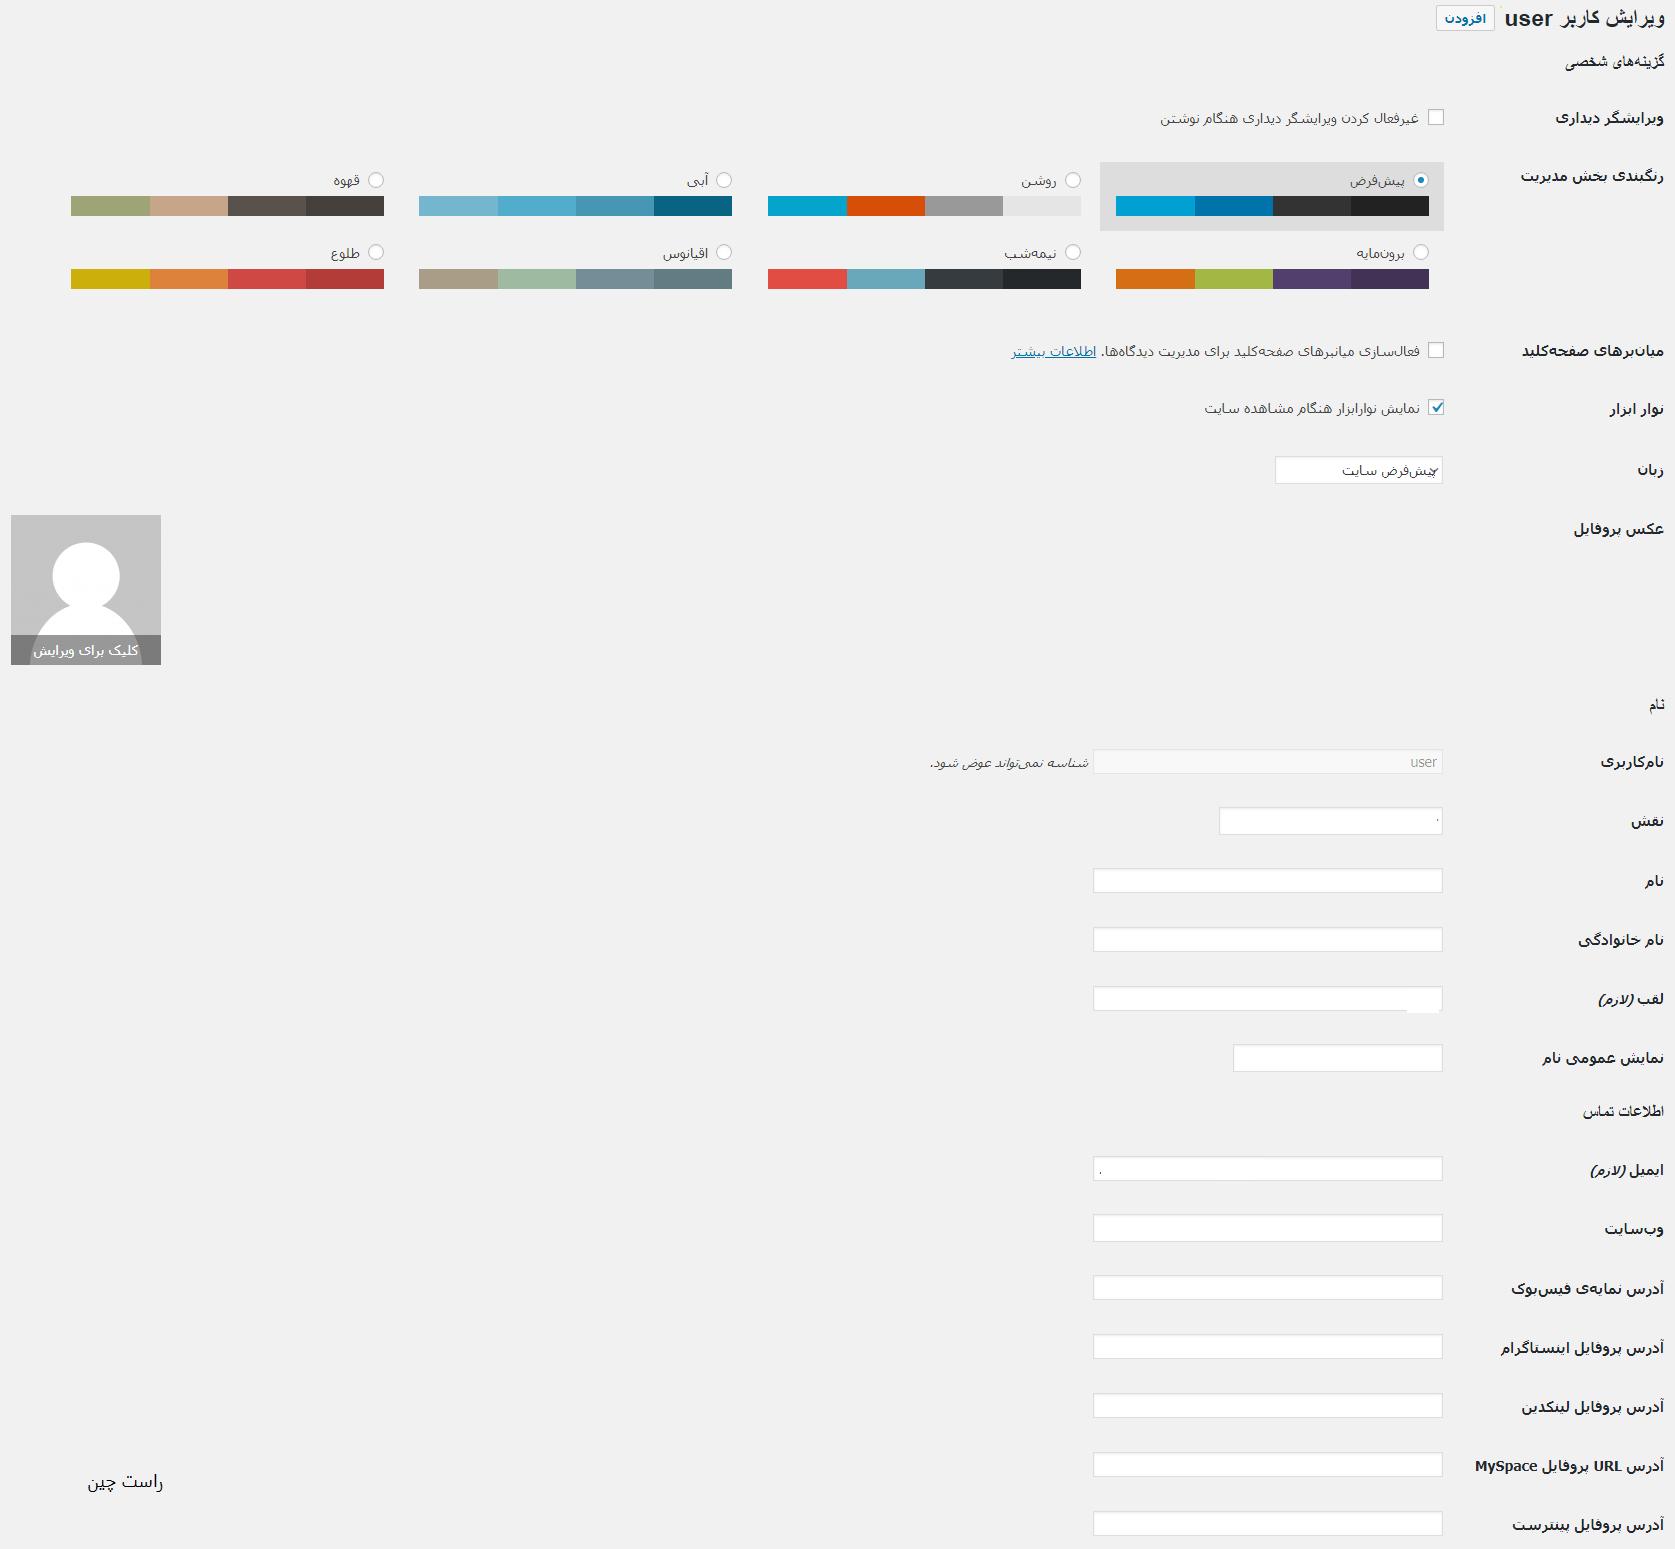 تعریف کاربر جدید در وردپرس